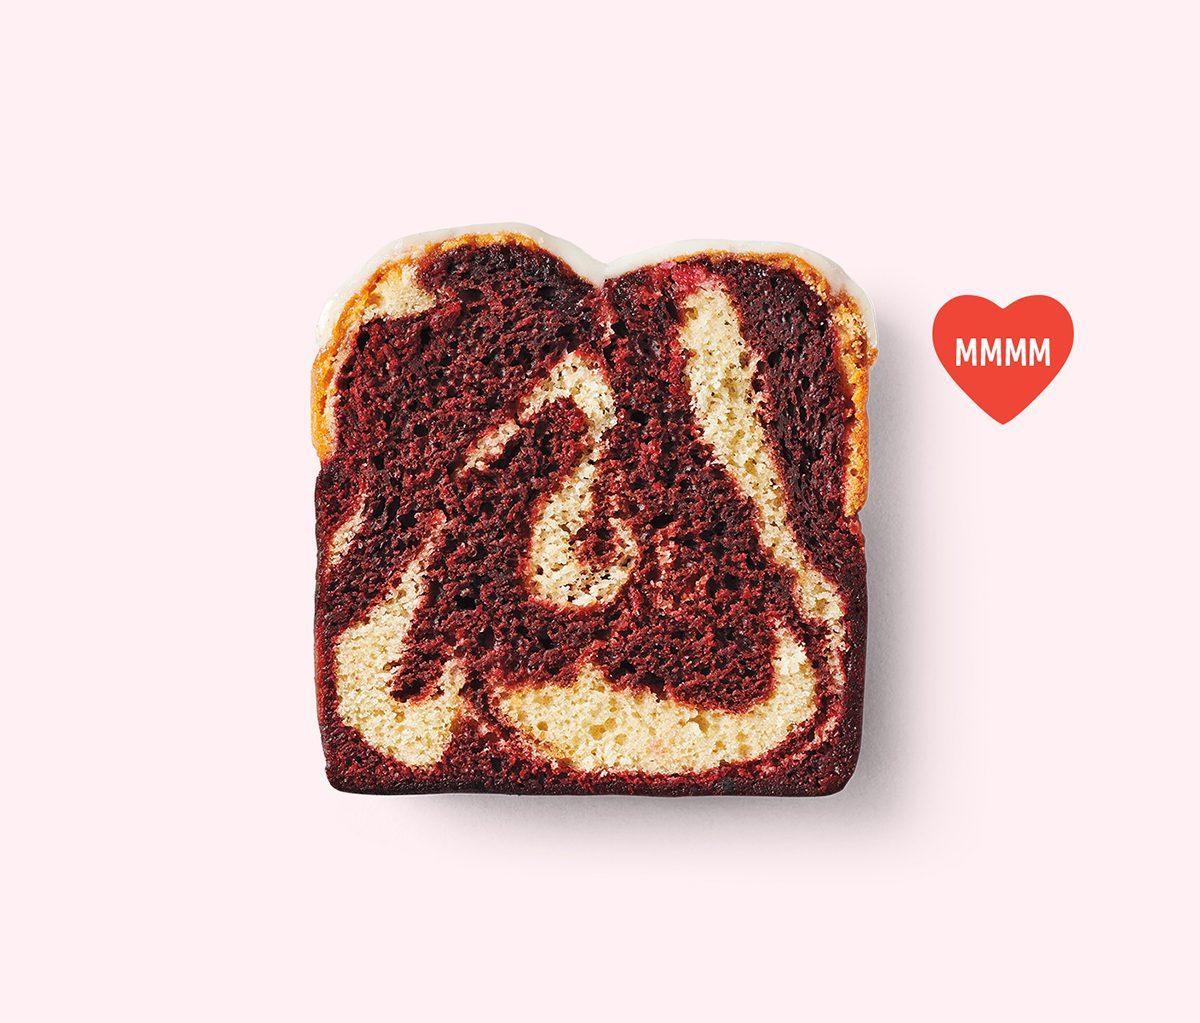 Starbucks Red Velvet Loaf